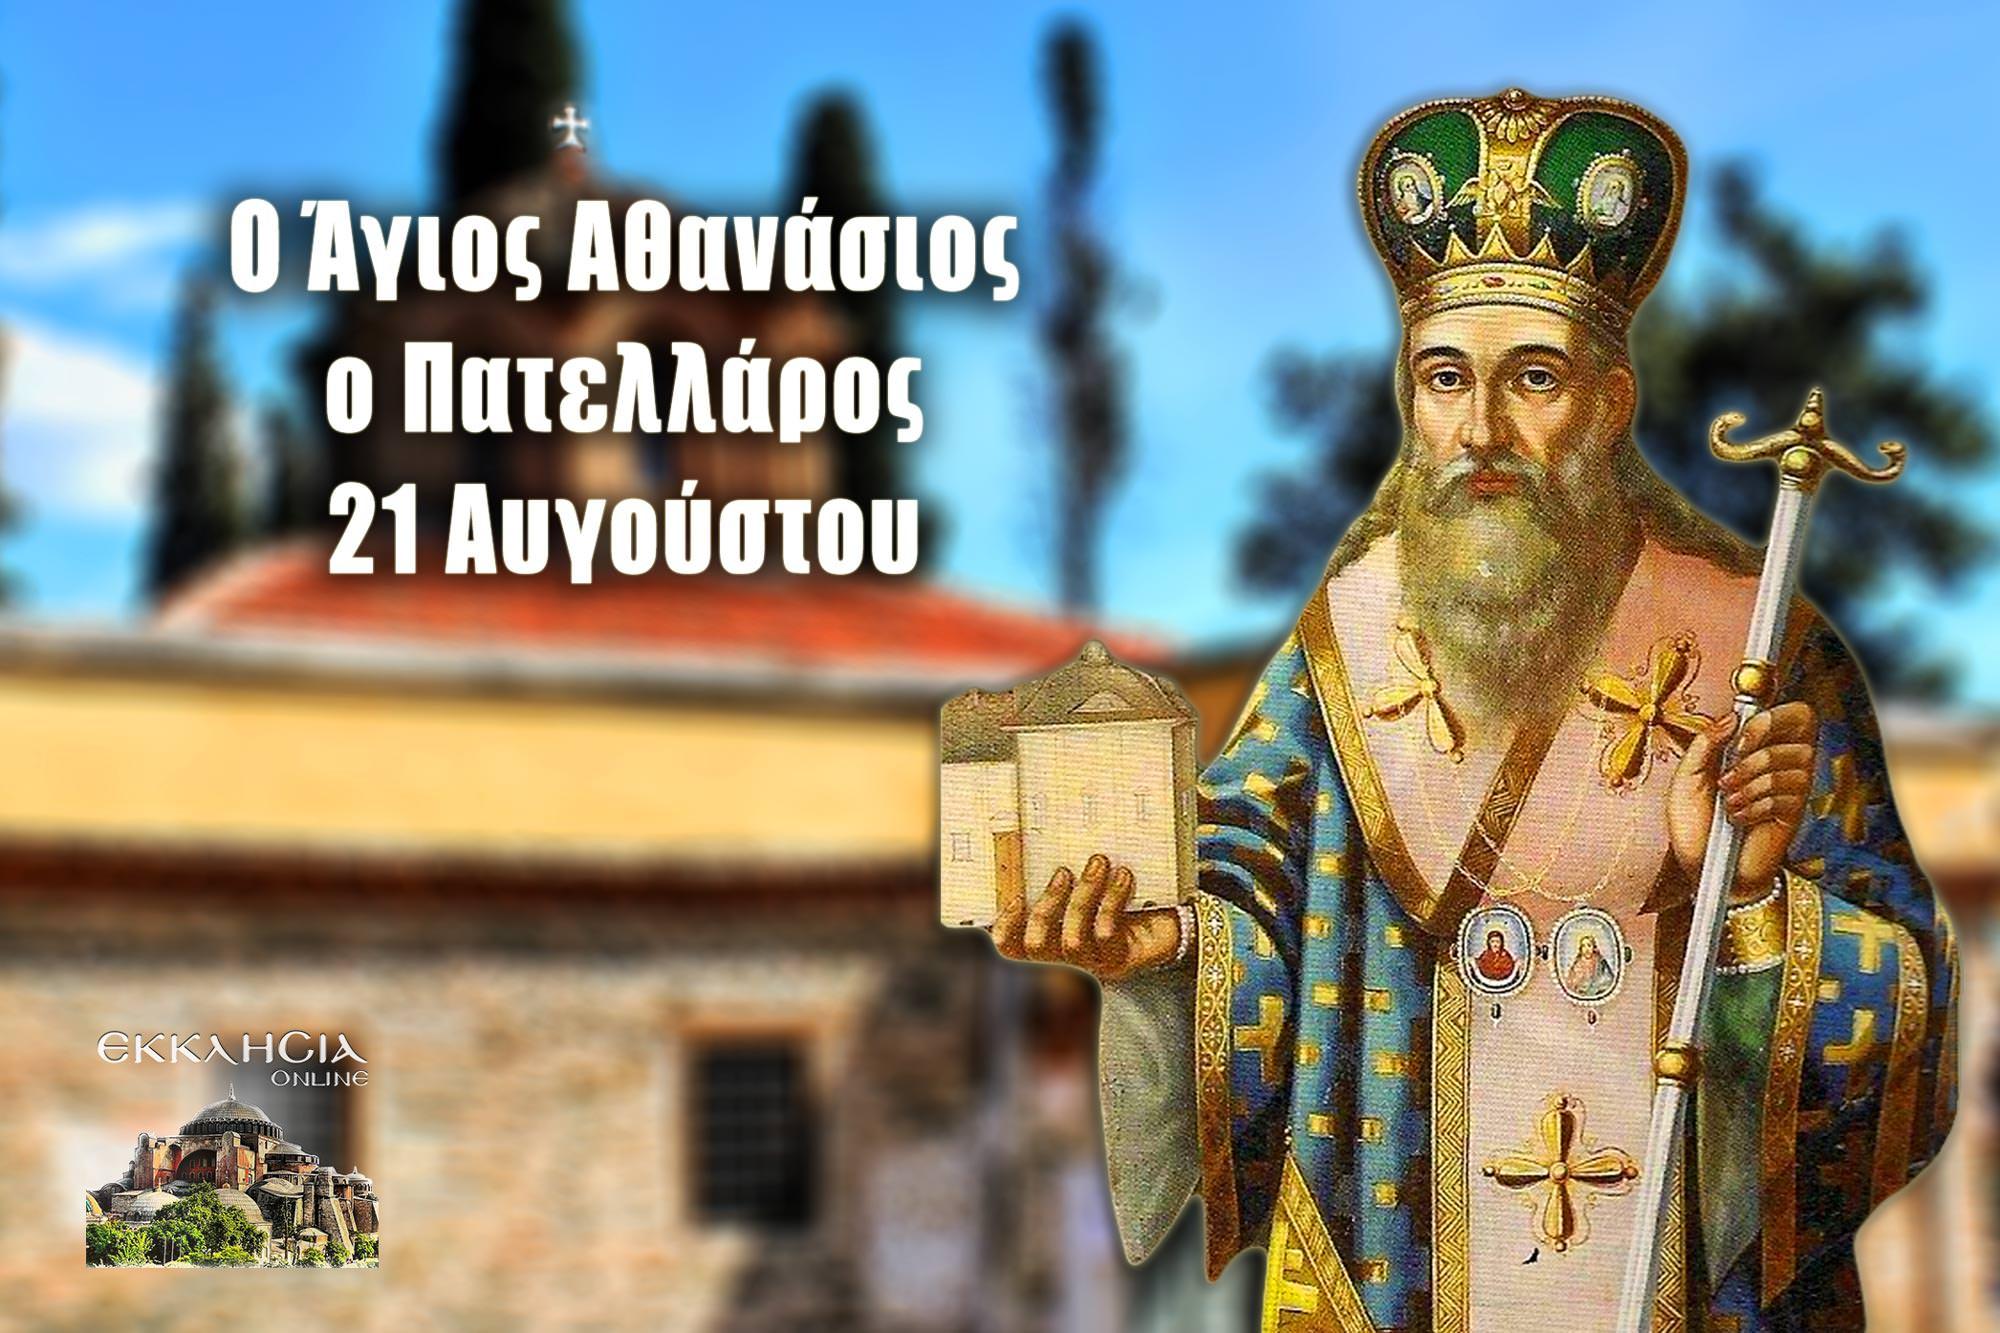 Άγιος Αθανάσιος Πατελλάρος 21 Αυγούστου